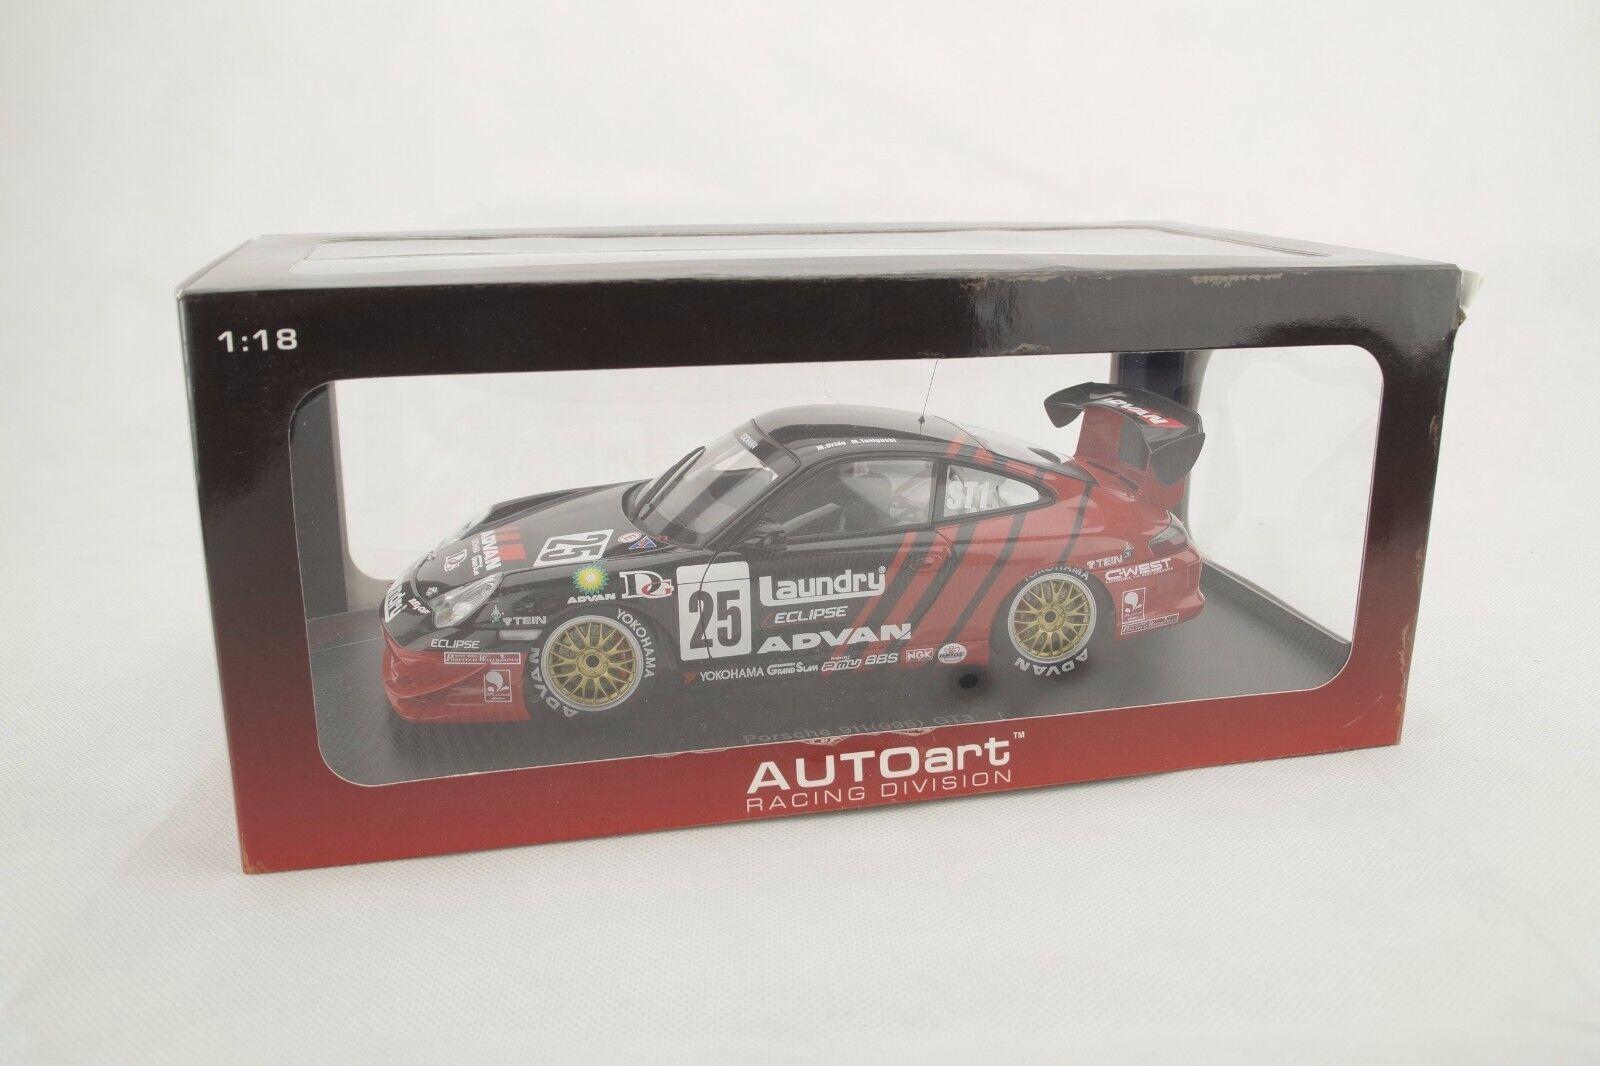 1:18 Autoart Porsche 911  996  GT3 Super Taikyu 2005  25 - Rarità Inserimento